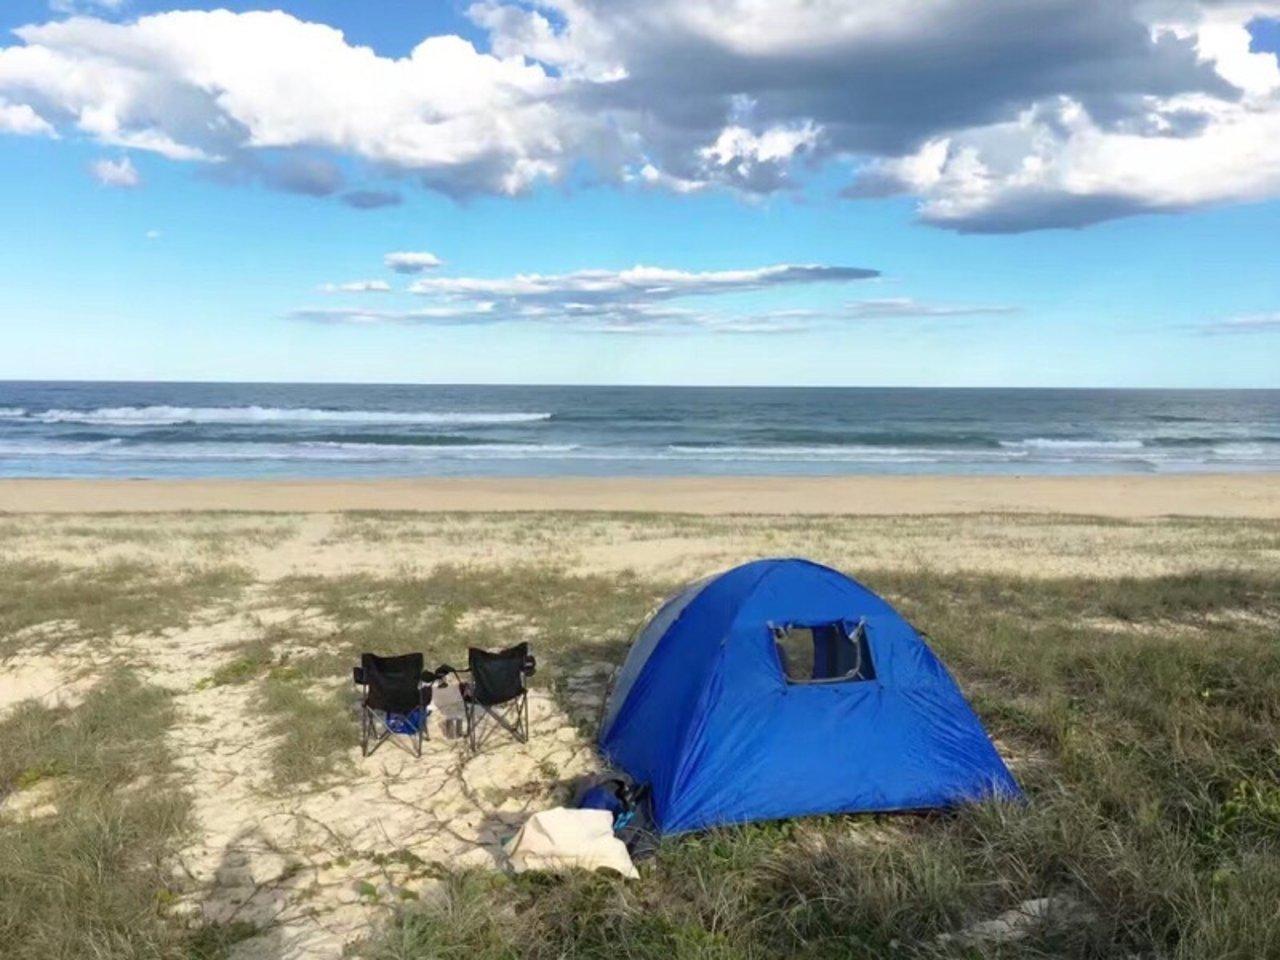 澳洲露营,你可以拥有整片海滩